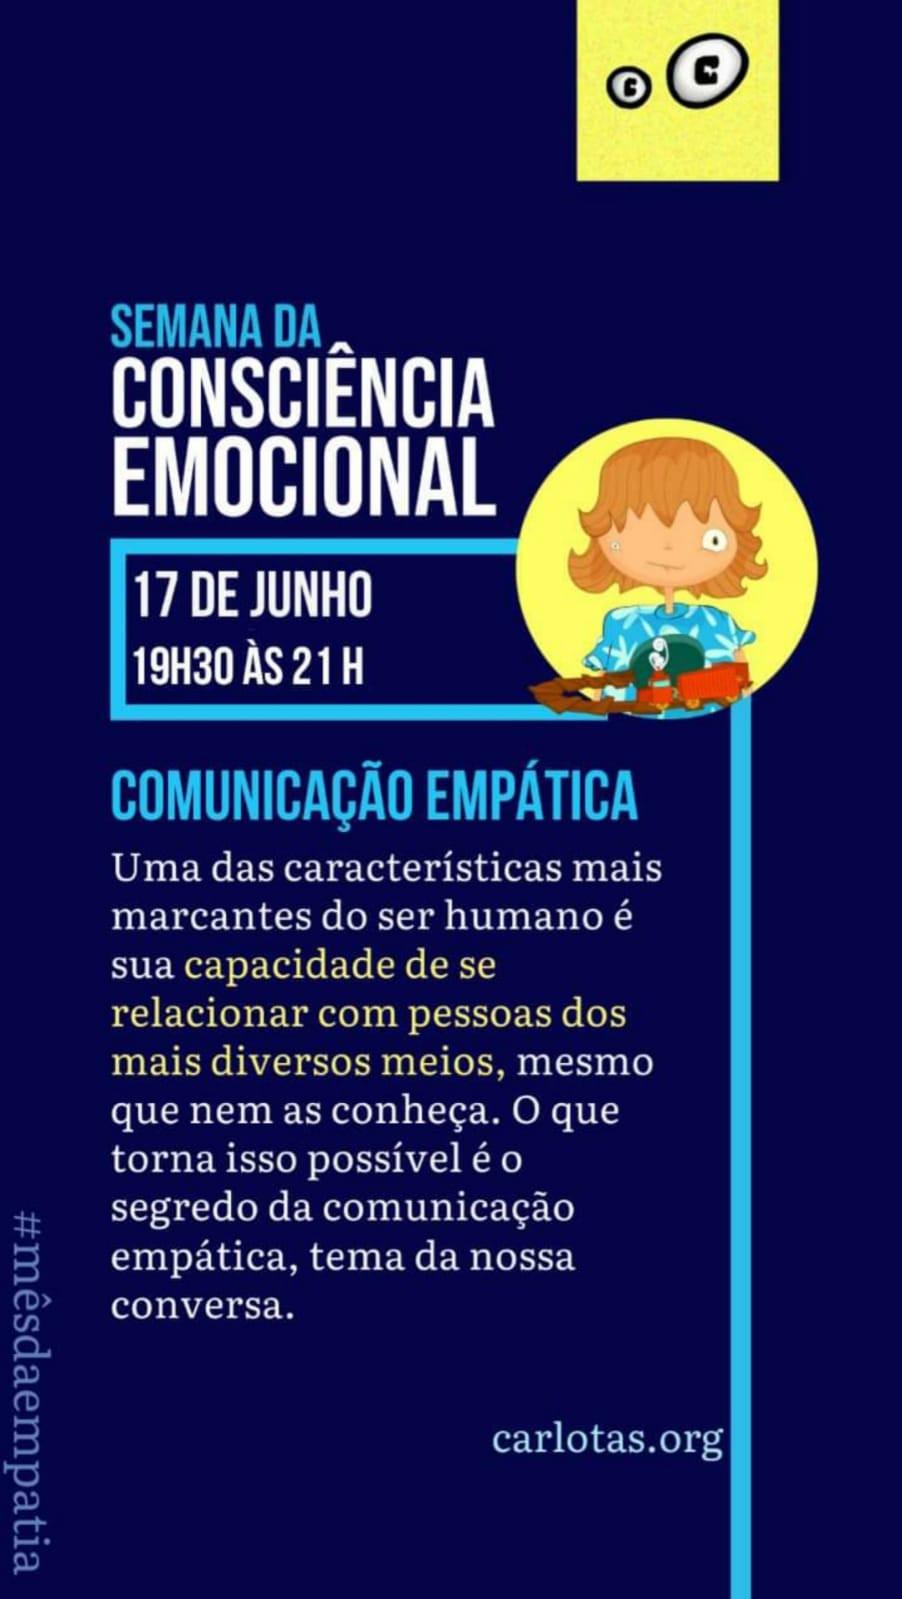 semana-da-consciencia-emocional-comunicacao-empatica